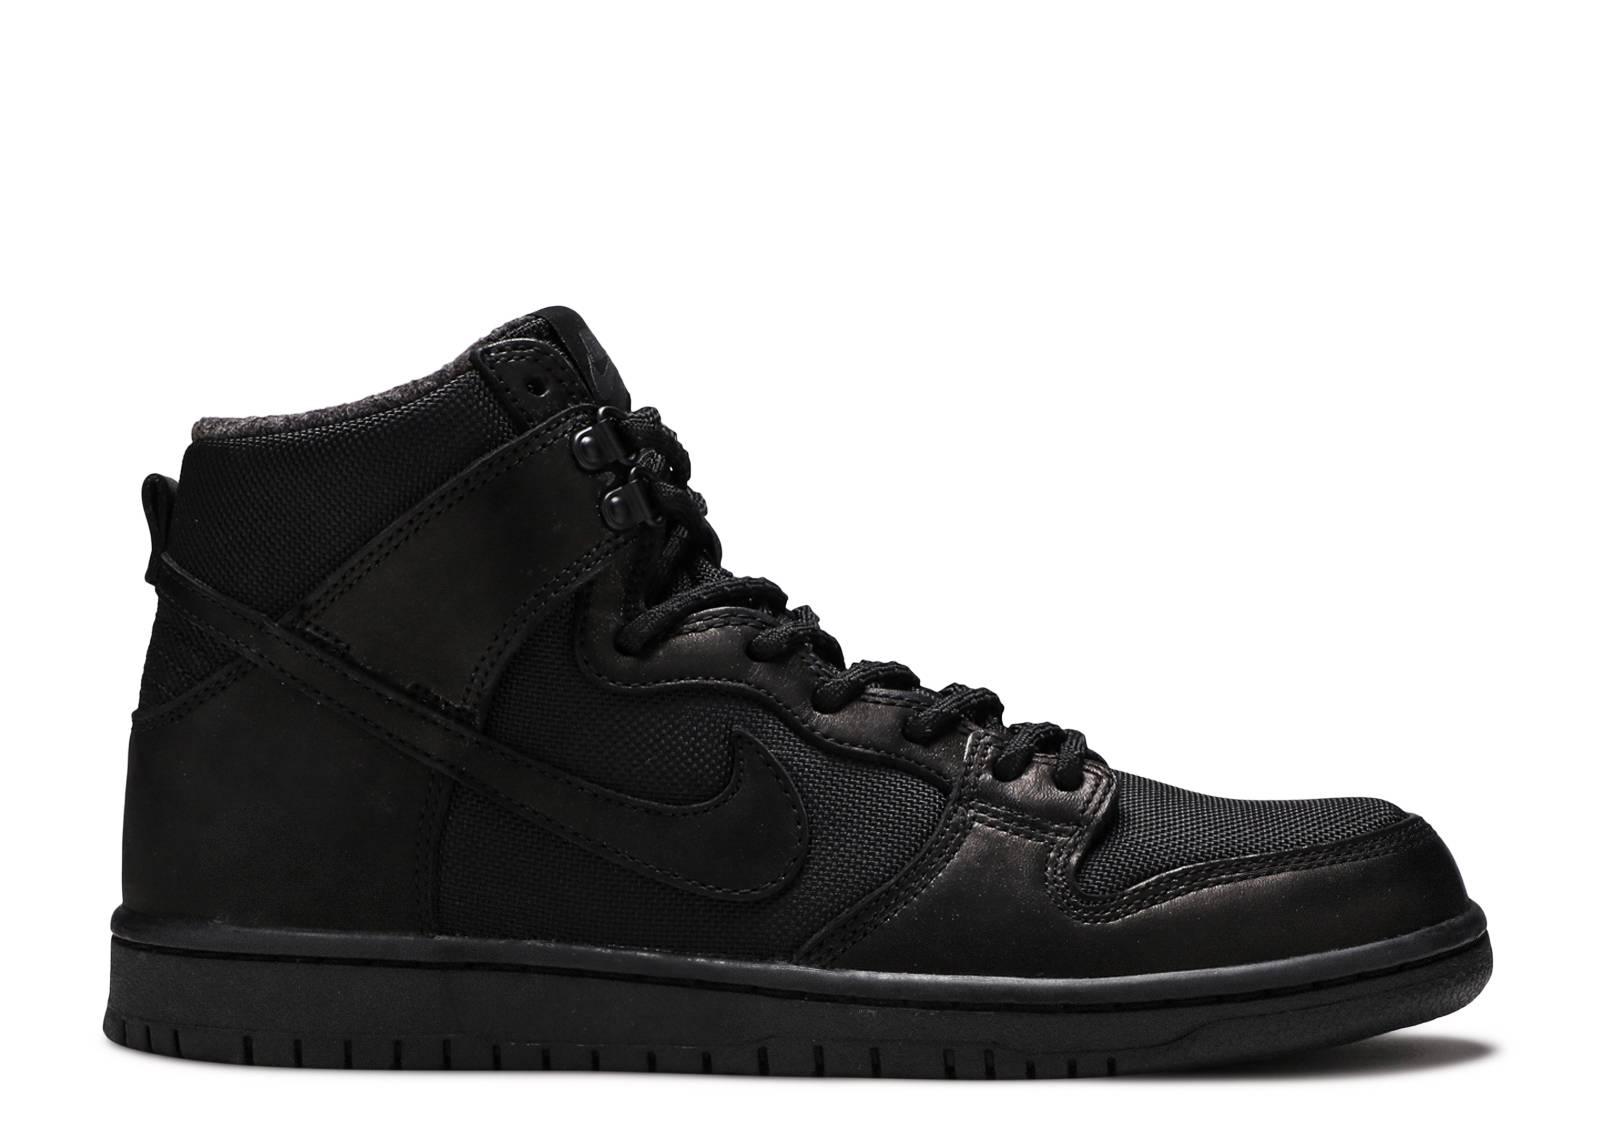 Nike SB Dunk Hi Pro Bota Chaussure - black black BLovOW21ba